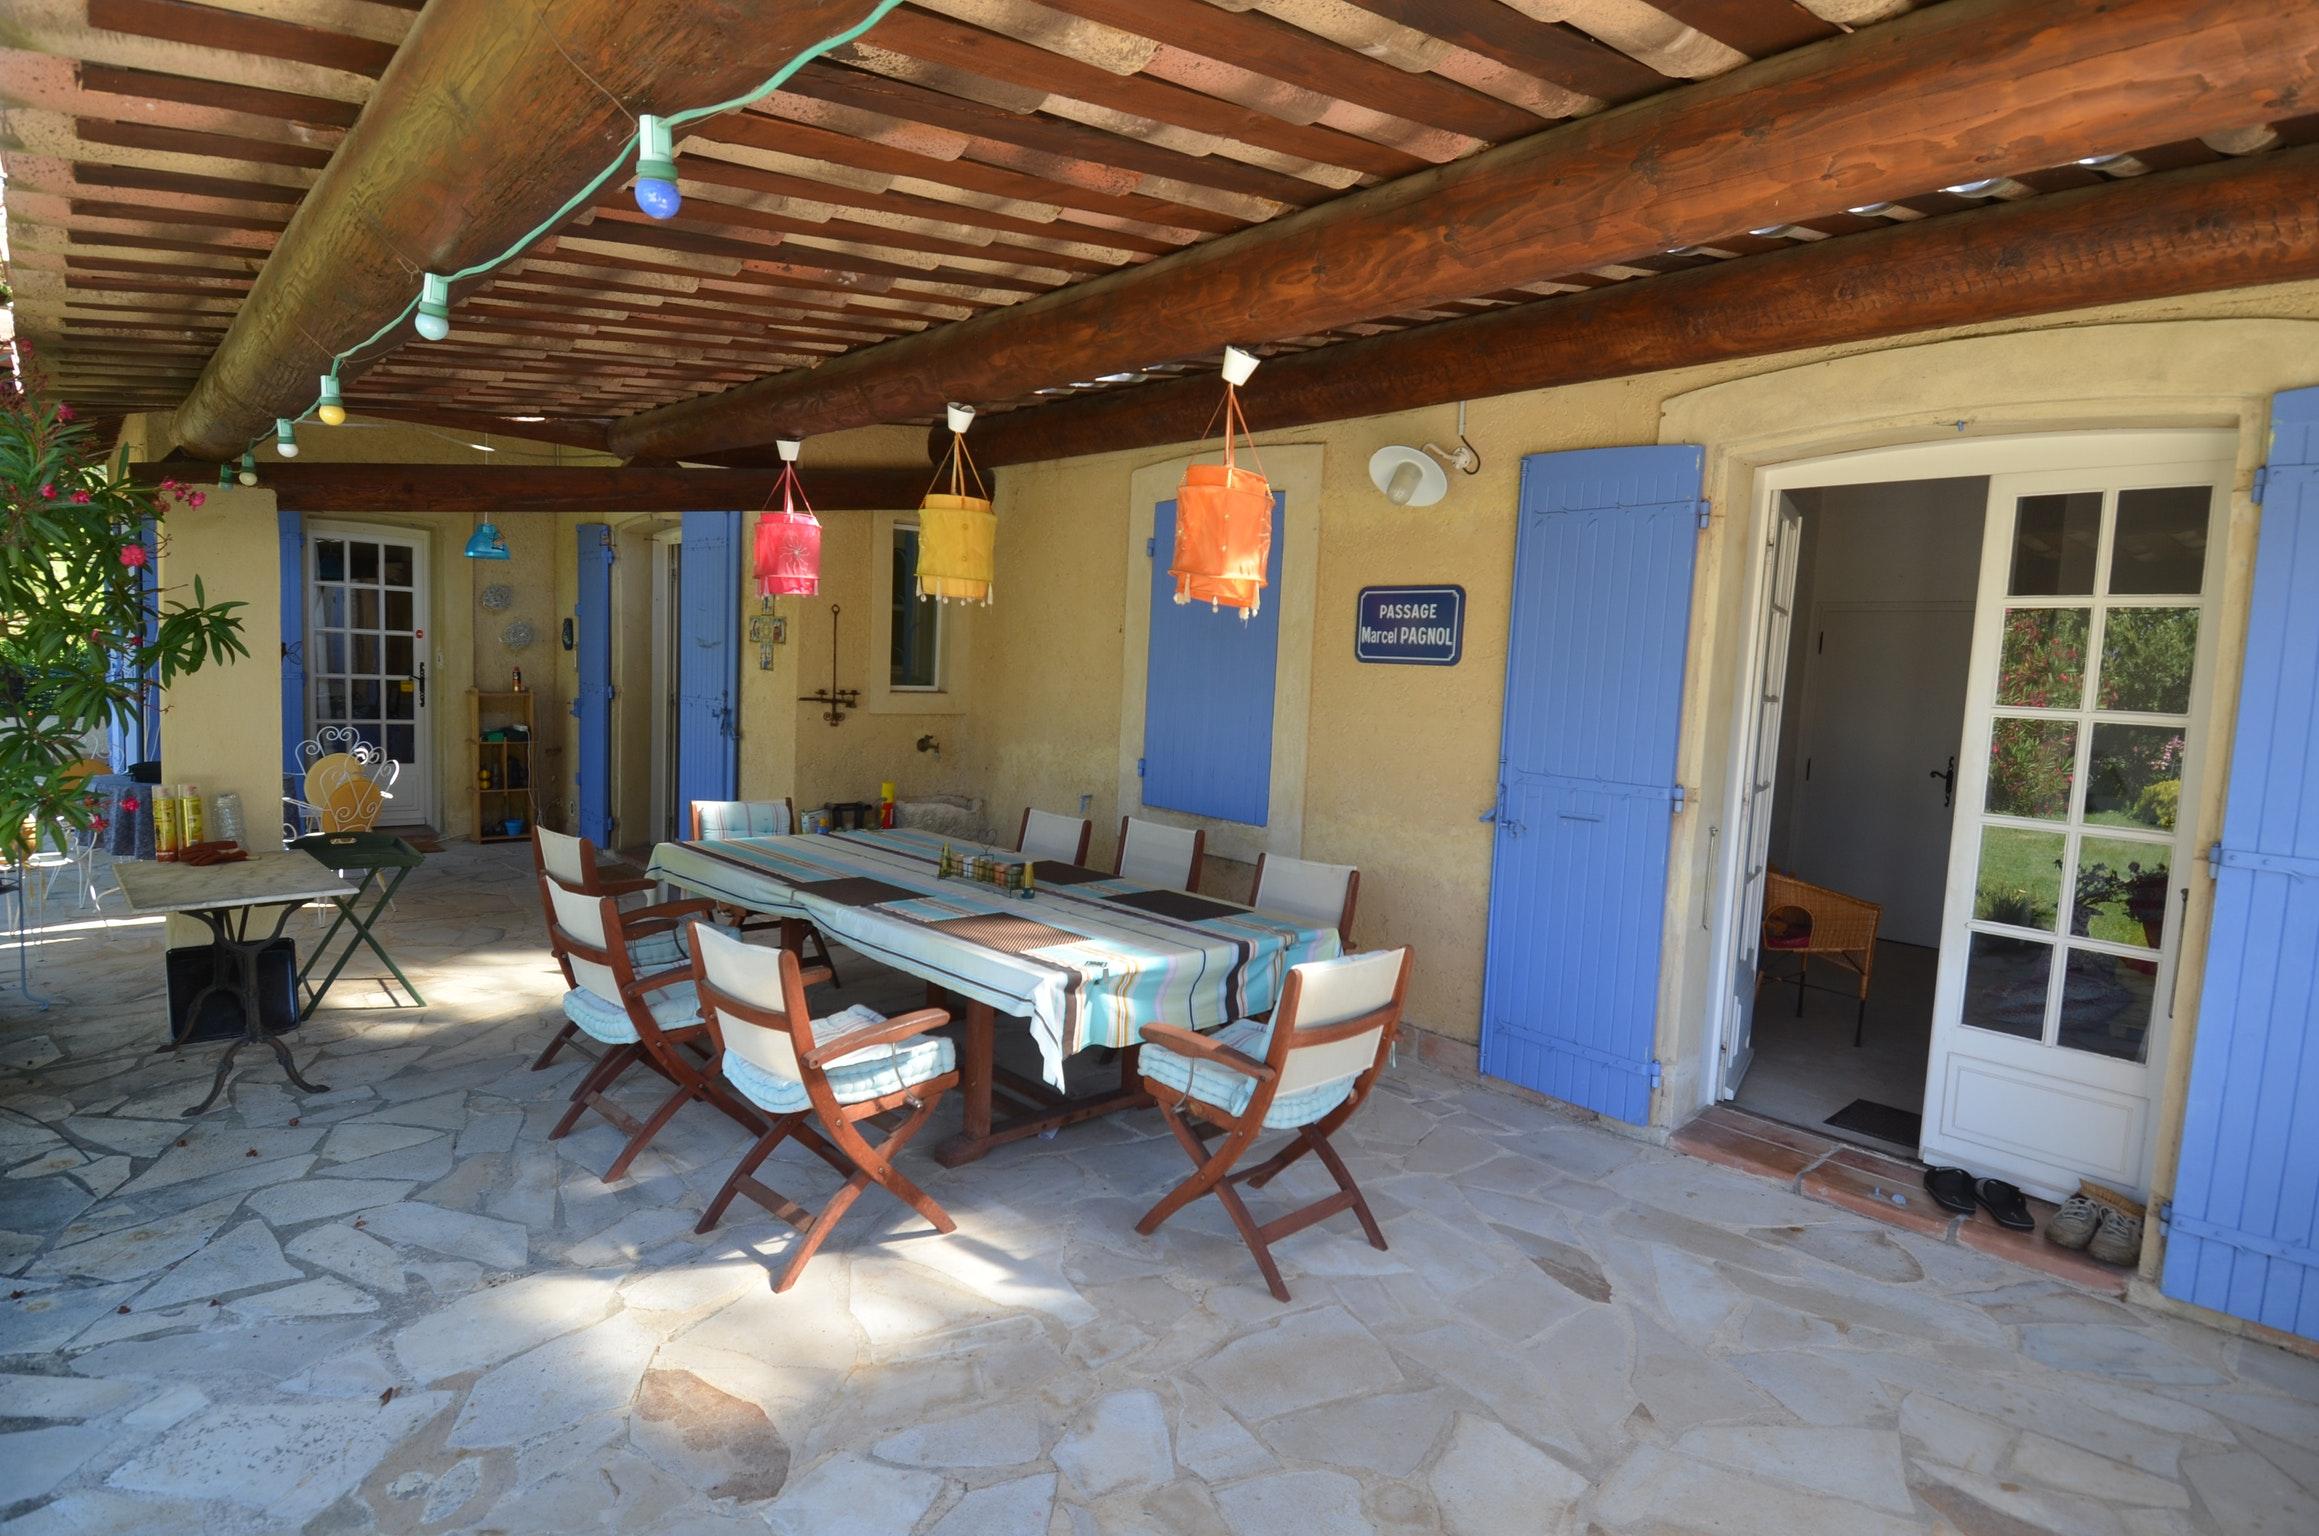 Ferienhaus Villa mit 4 Schlafzimmern in Pernes-les-Fontaines mit toller Aussicht auf die Berge, priva (2519446), Pernes les Fontaines, Saône-et-Loire, Burgund, Frankreich, Bild 13